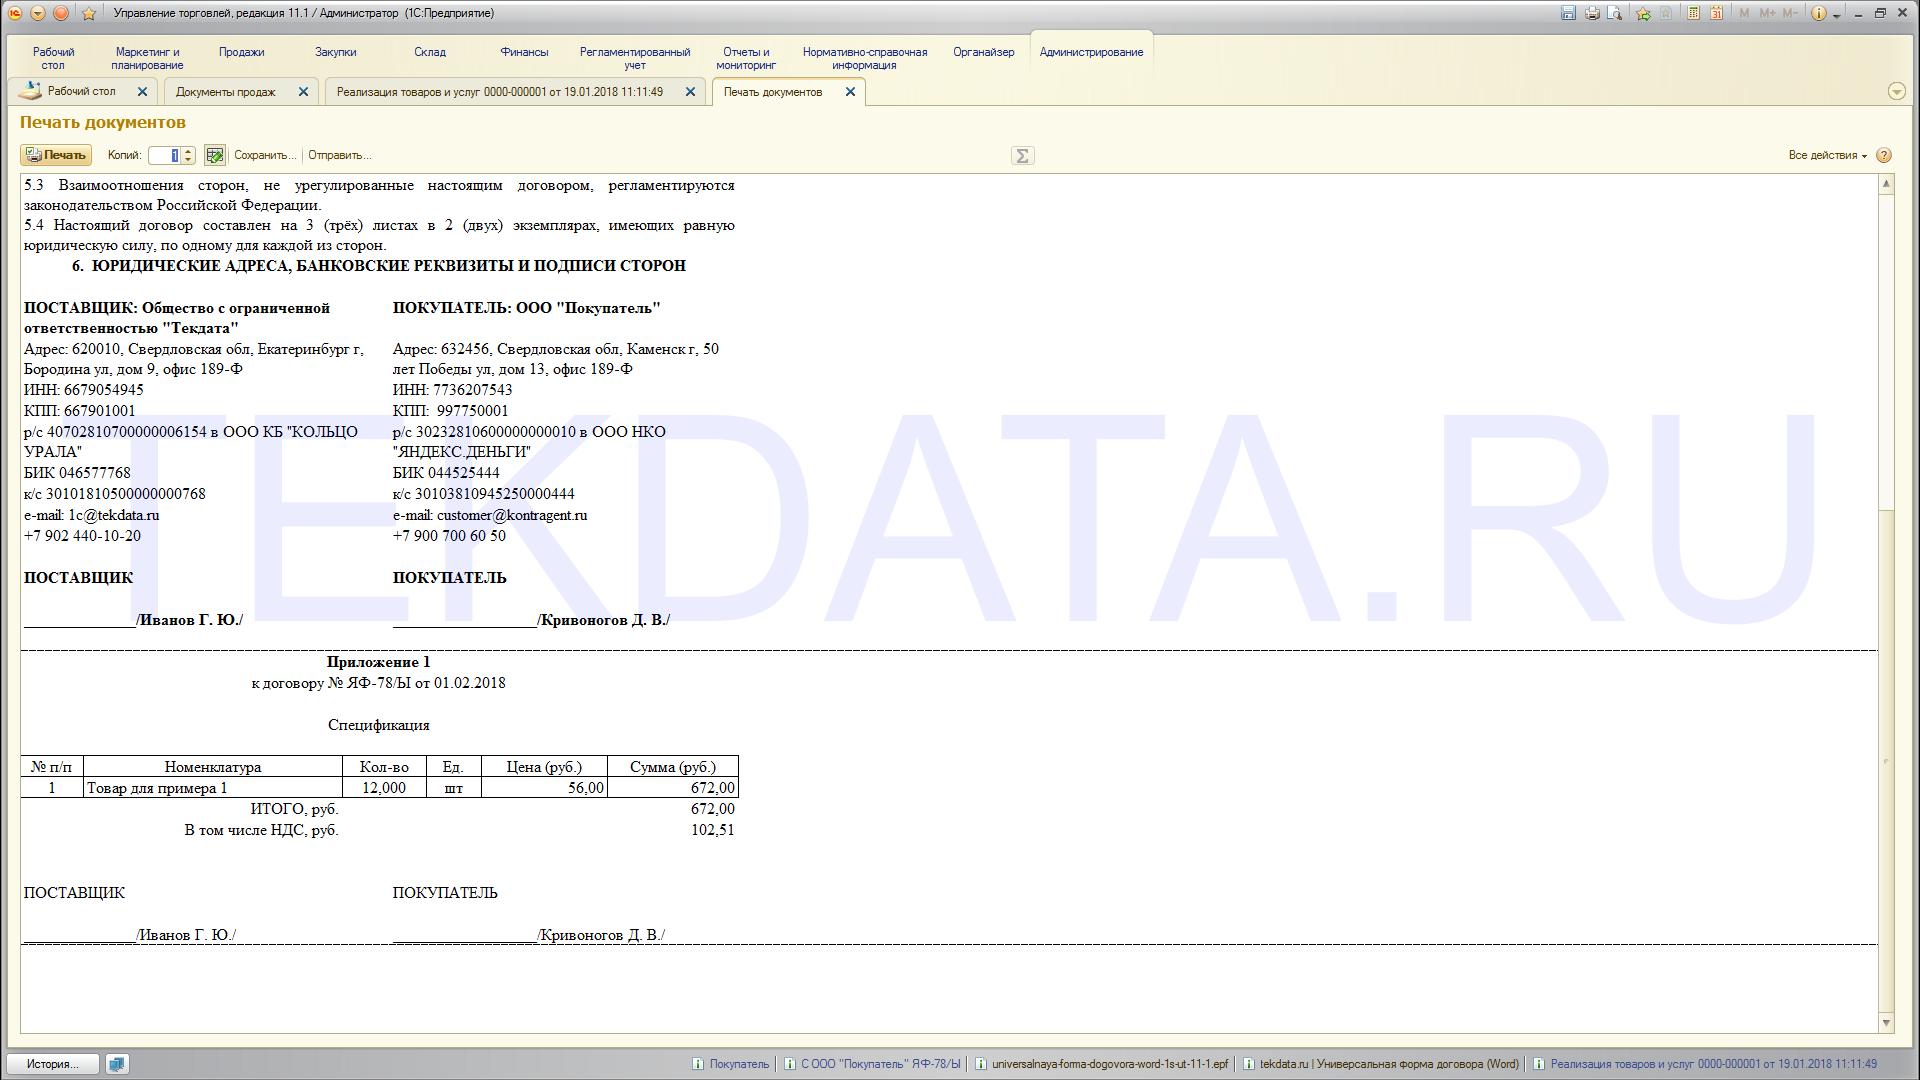 Универсальная печатная форма 1С:УТ 11.1 (внешняя обработка *.epf) | tekdata.ru